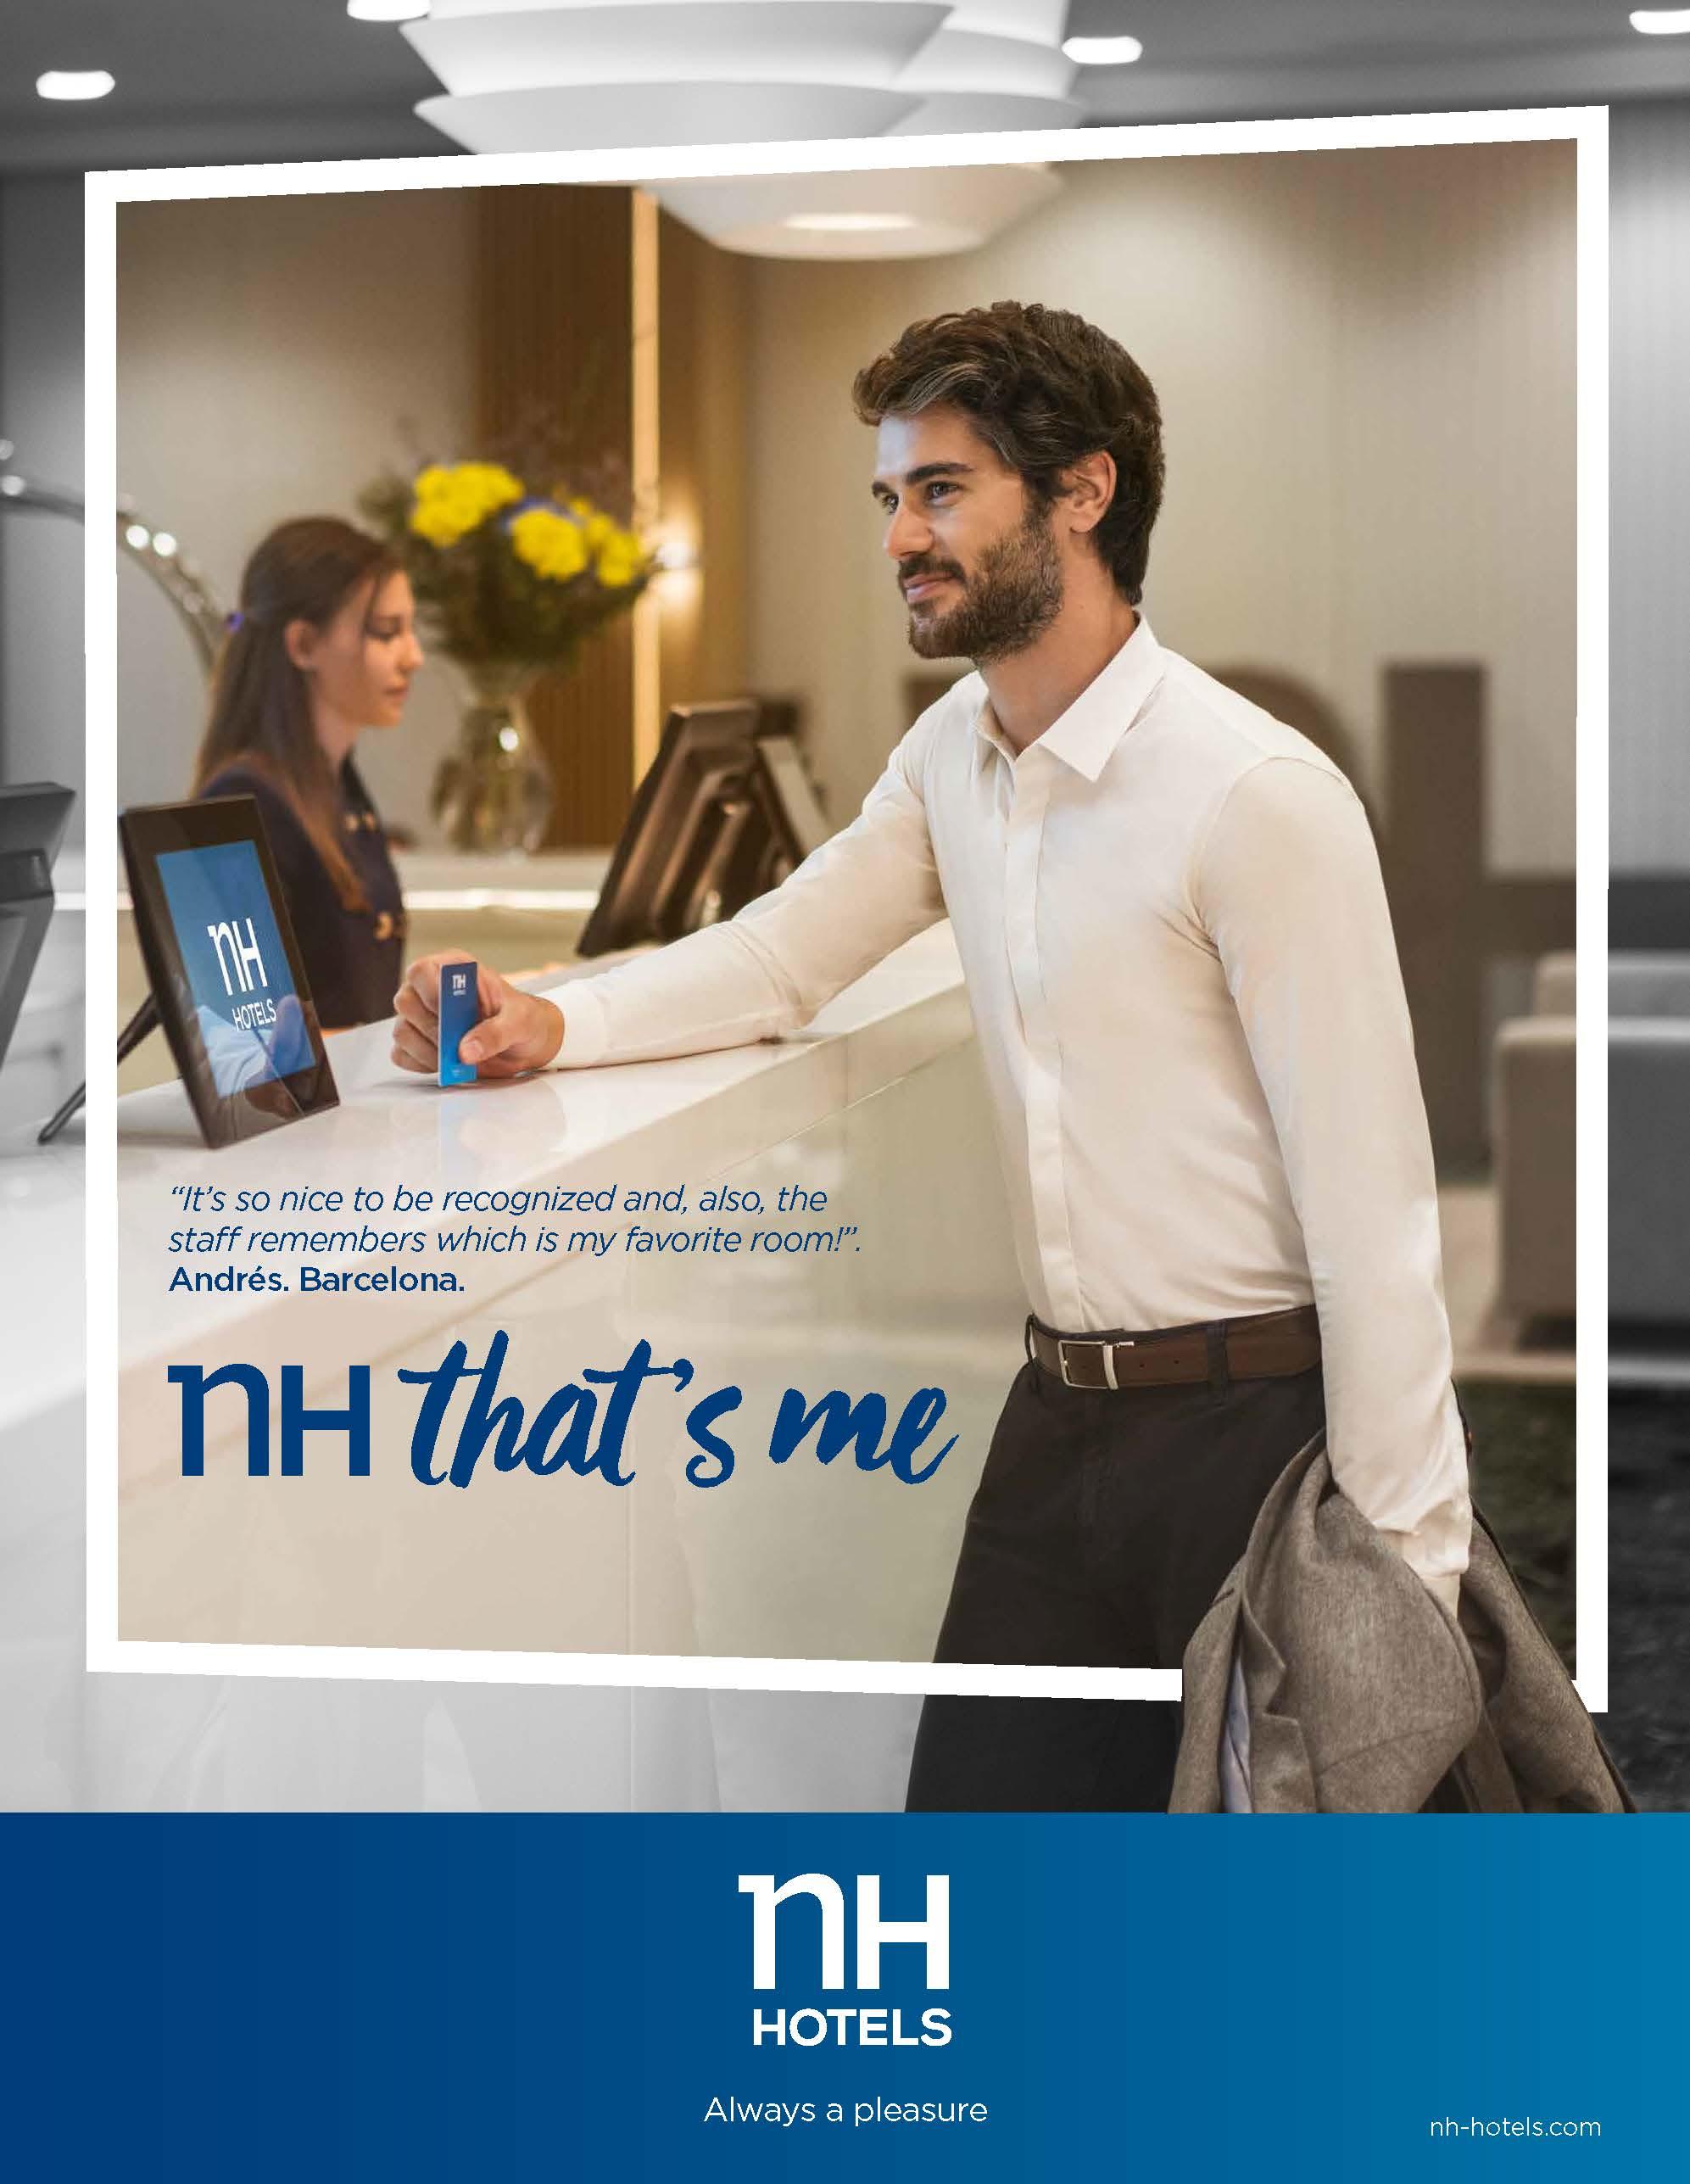 NH Hotels_clientes Thats me_página_Página_3.jpg